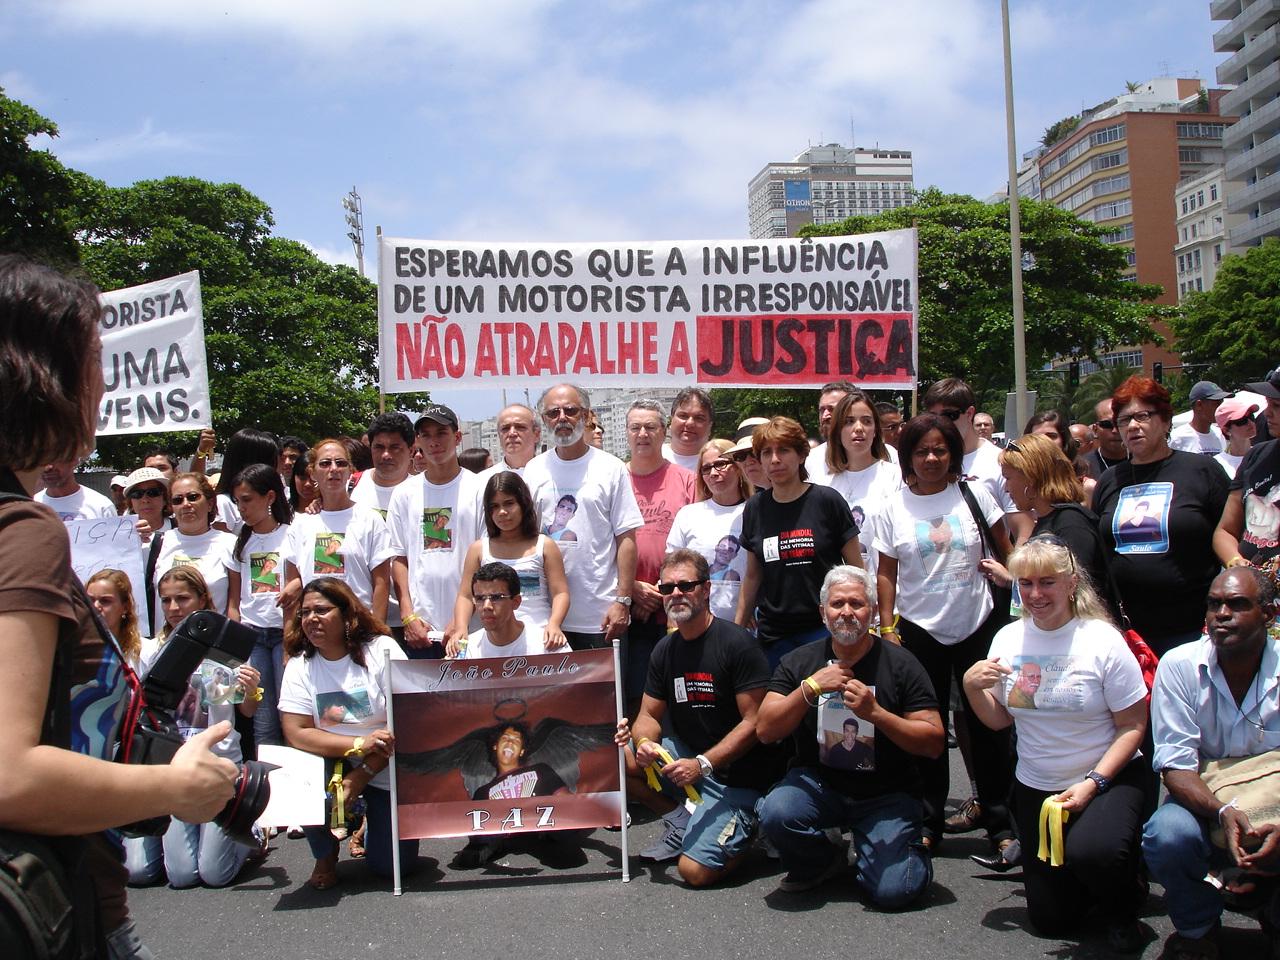 Grupo de vítimas de trânsito na praia de Copacabana, RJ